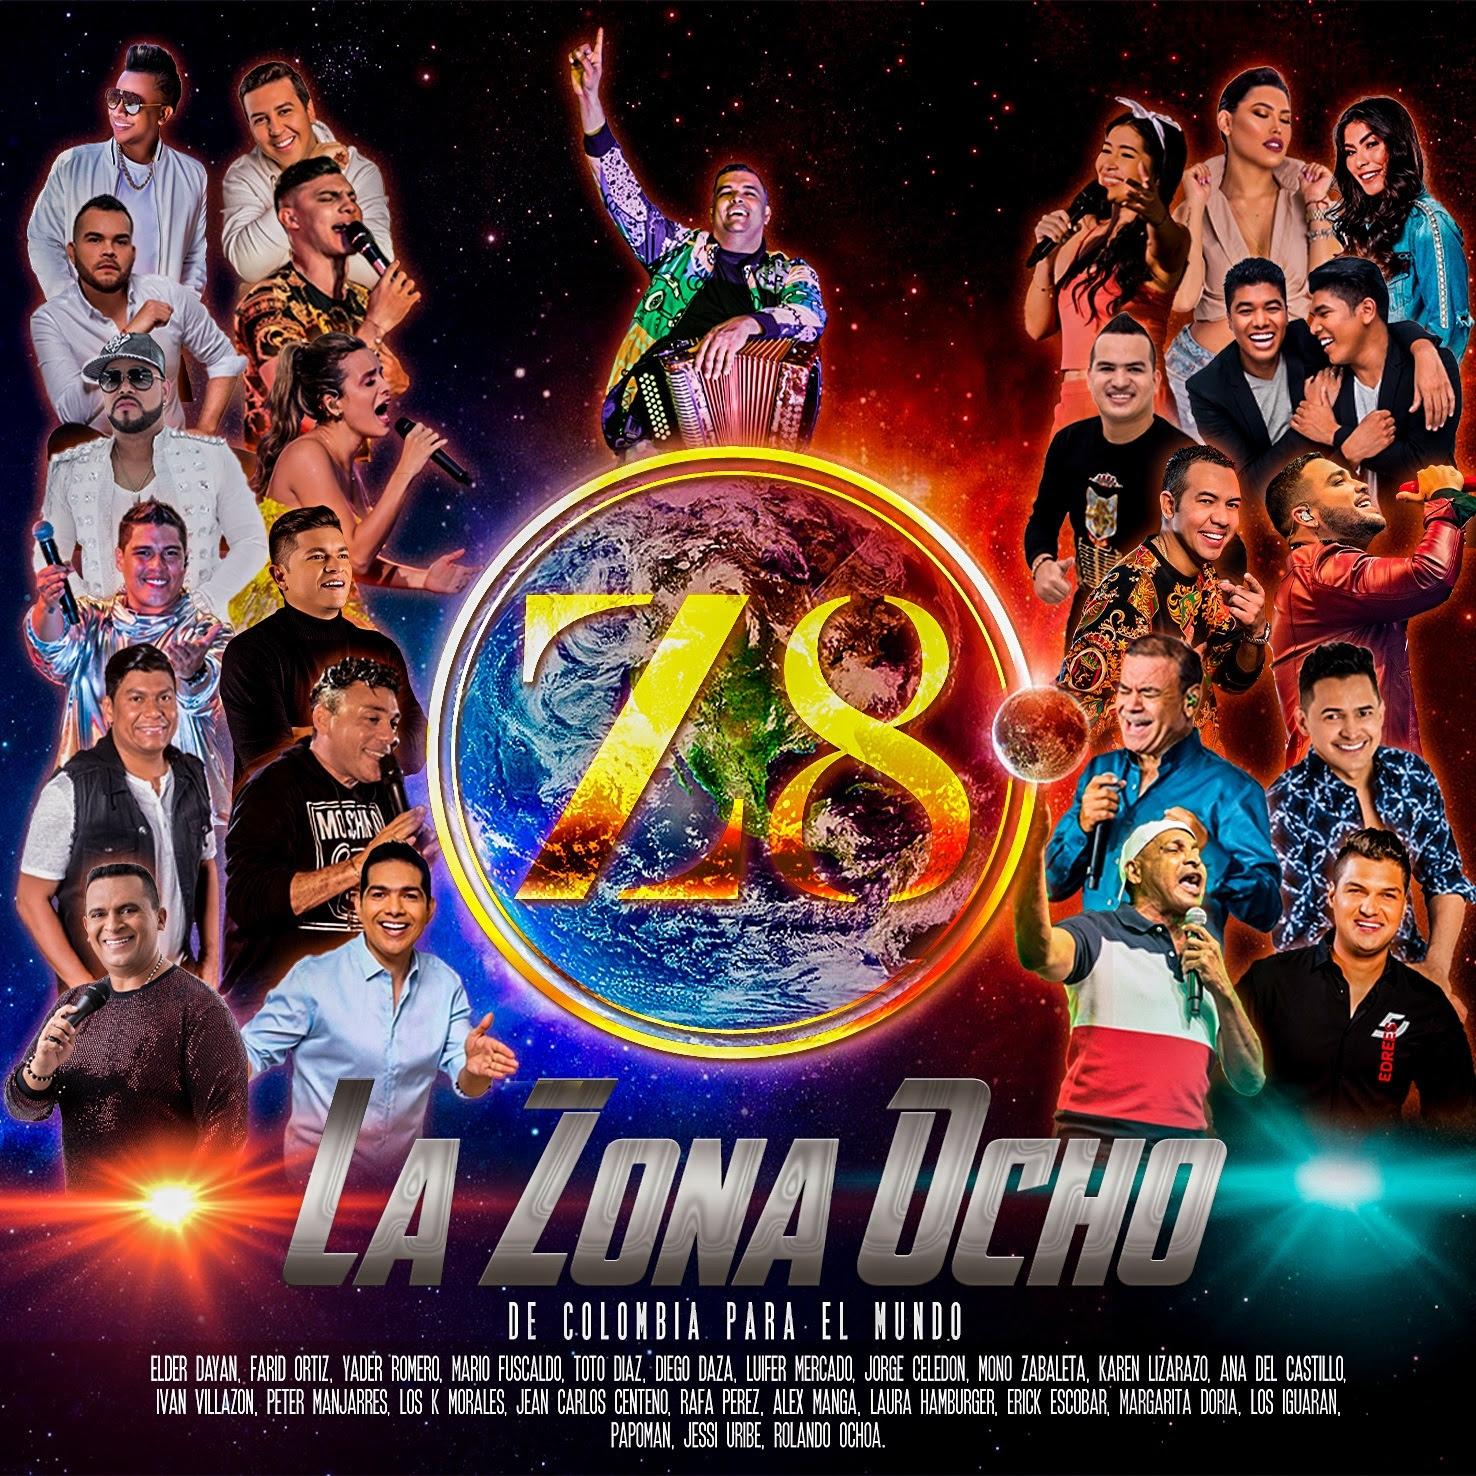 'La Zona 8, de Colombia para el mundo', la sorpresa musical del vallenato